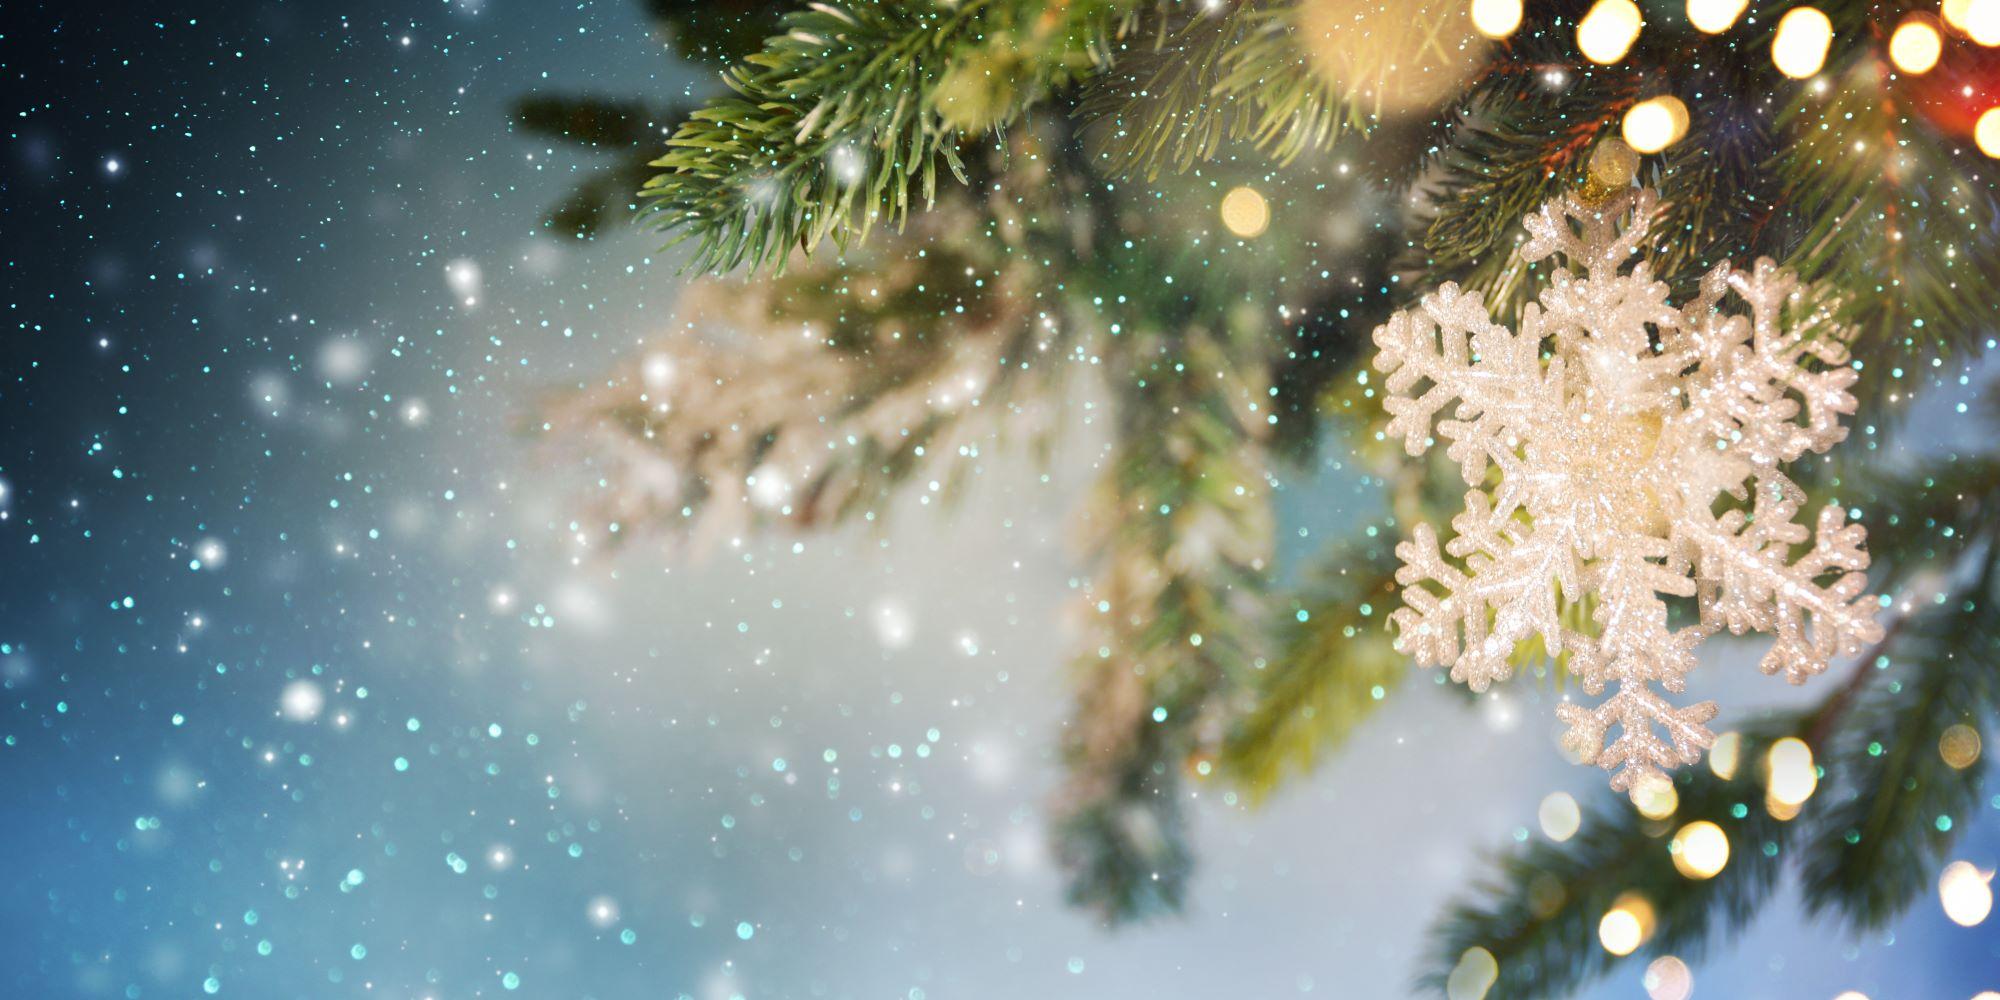 Weihnachtszeit – eine Auszeit inmitten des Wandels